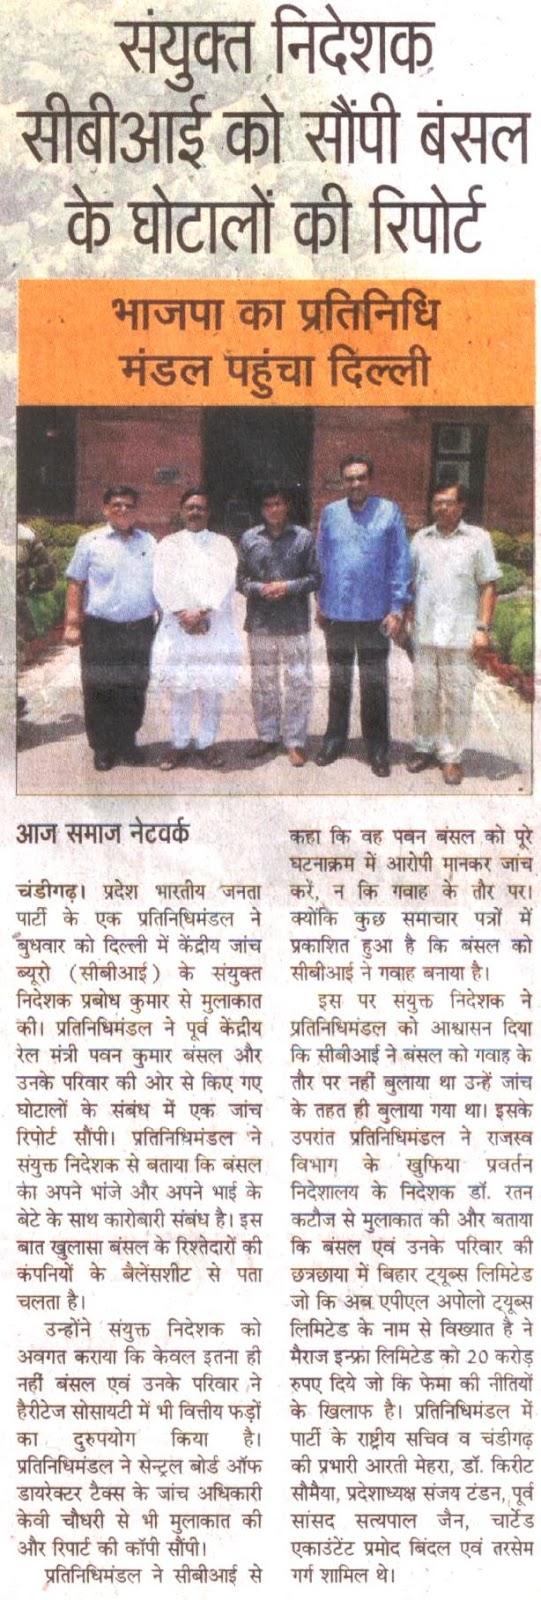 प्रतिनिधिमंडल में भाजपा के वरिष्ठ नेता डॉ किरीट सोमैया, चंडीगढ़ के पूर्व सांसद सत्य पाल जैन, प्रदेशाध्यक्ष संजय टंडन व अन्य।